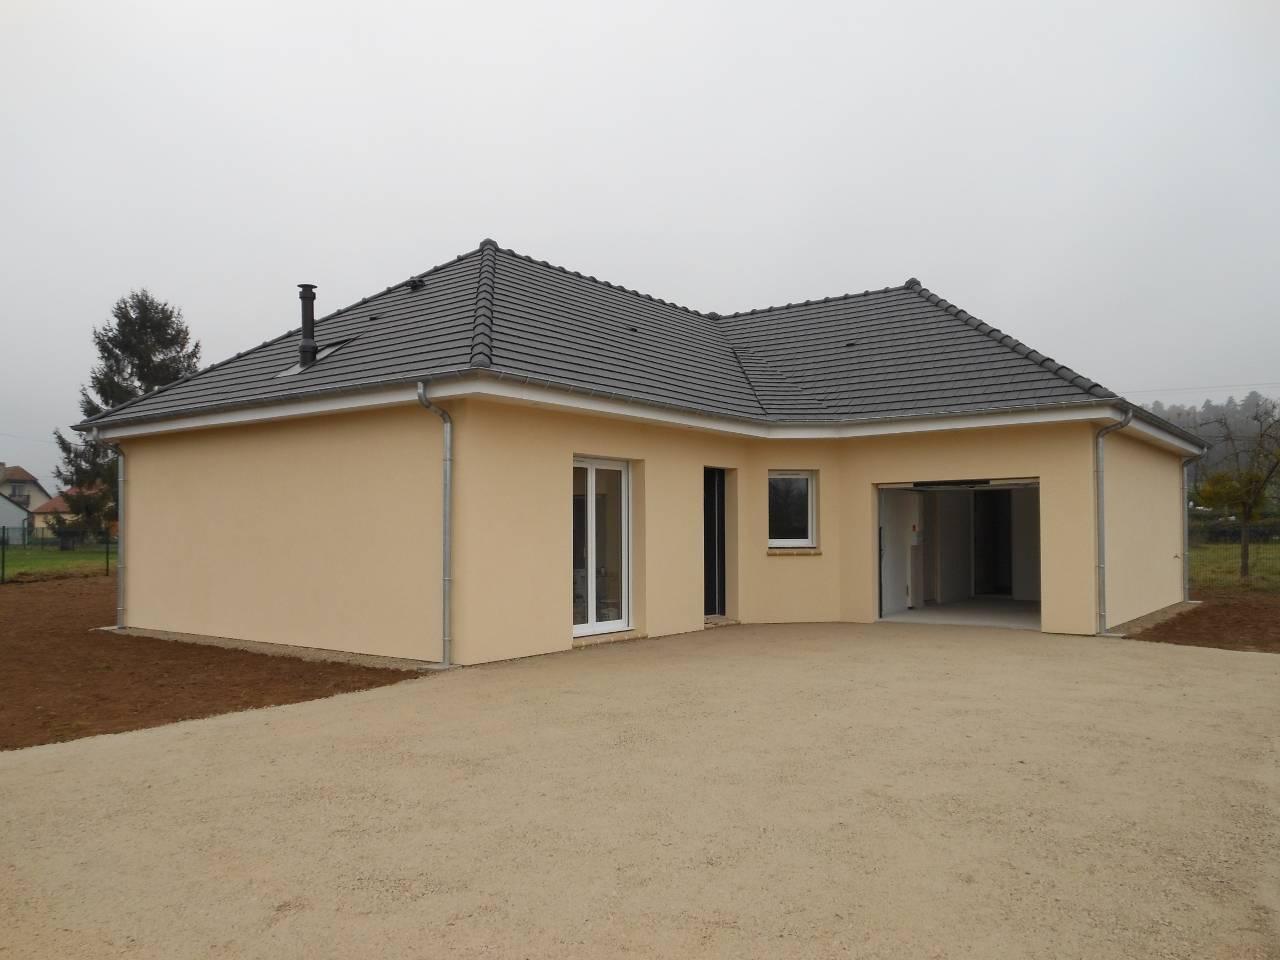 Vente maison neuve maison fran ois fabie for Vente maison neuve 04